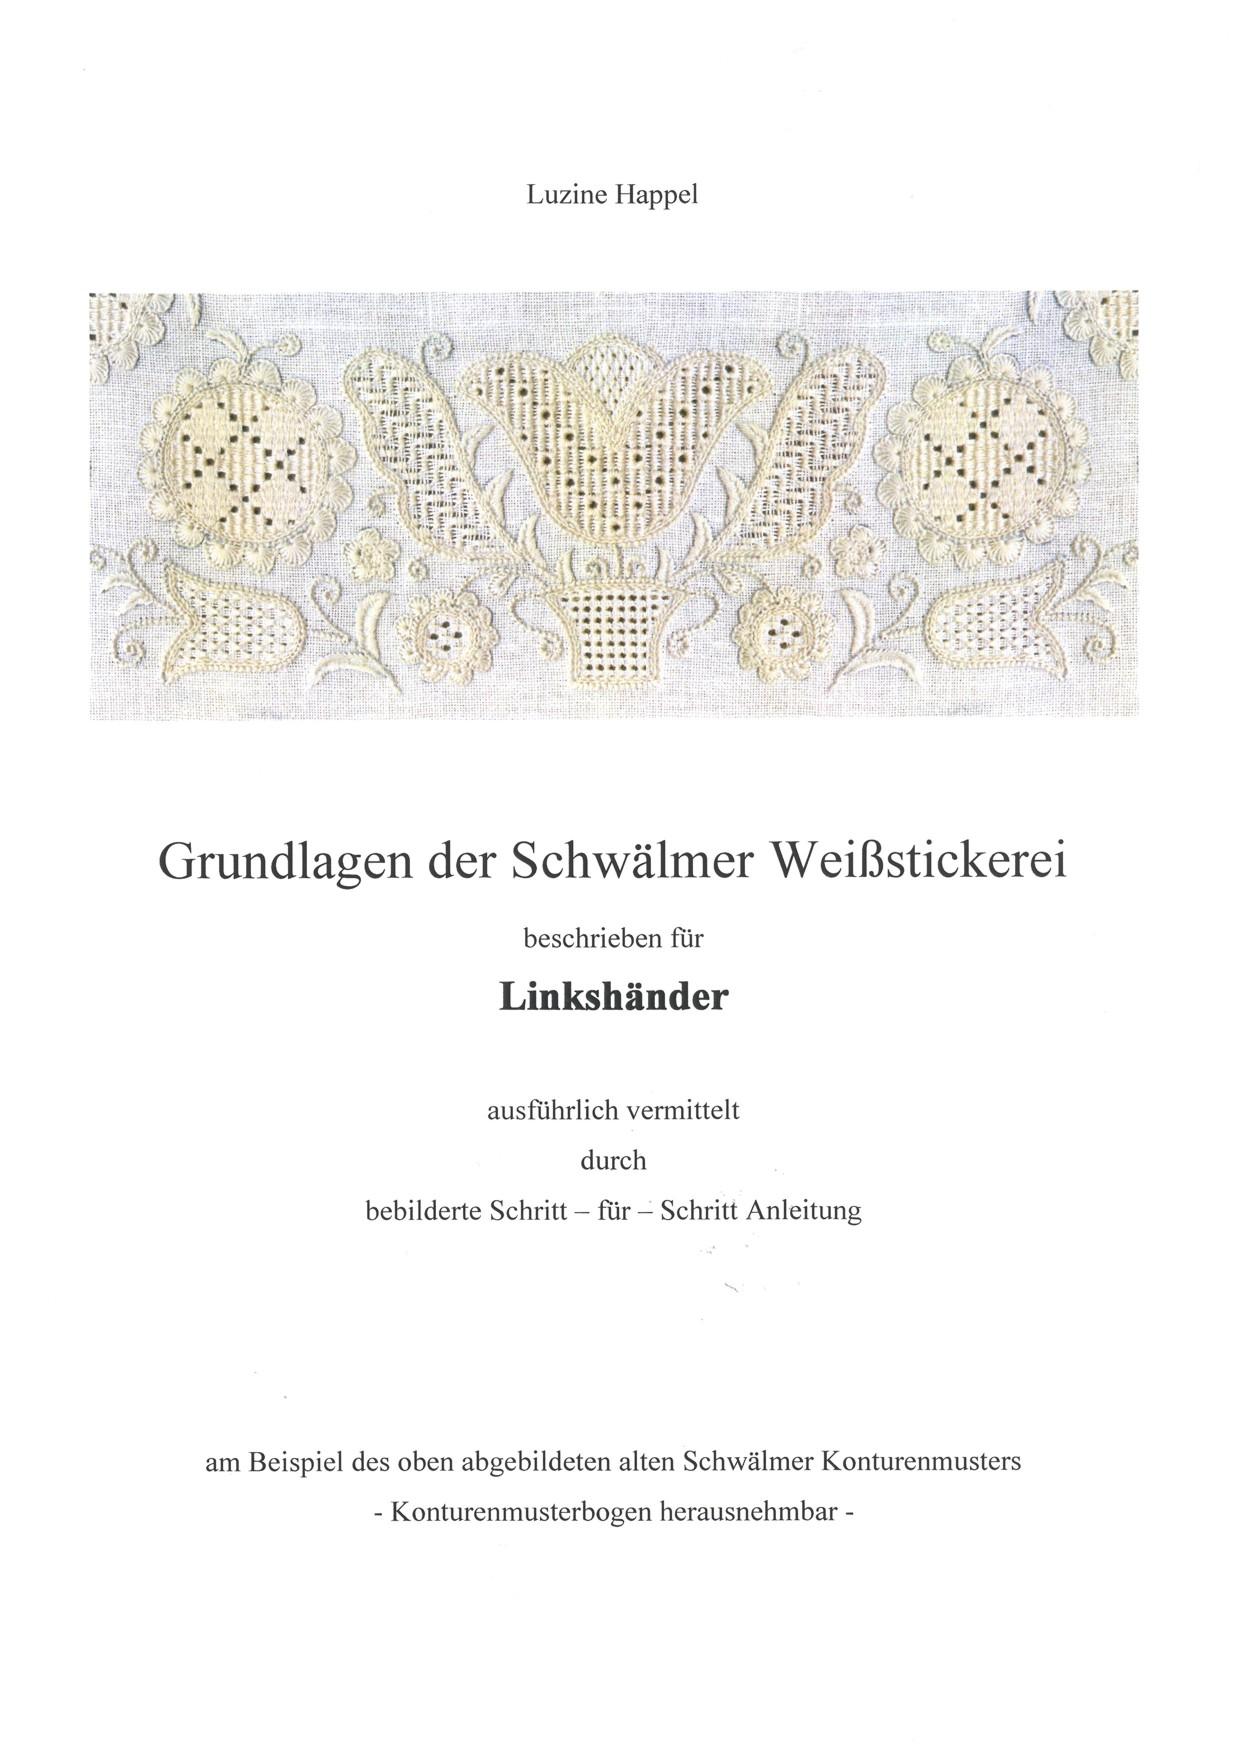 Grundlagen der Schwälmer Weißstickerei - für Linkshänder 1 / 8